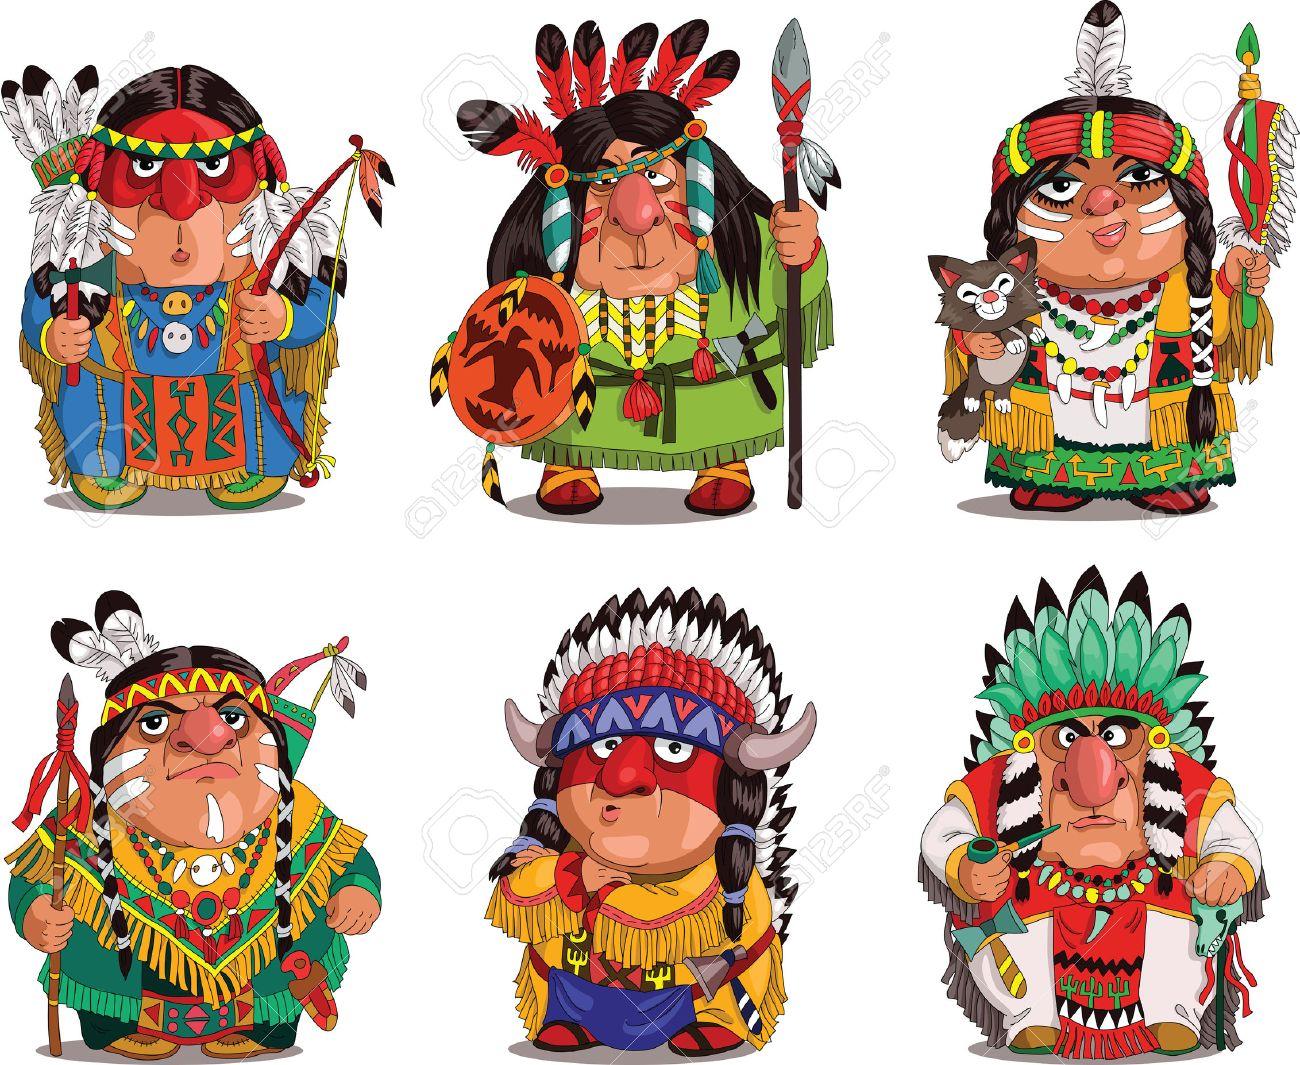 Cartoon-Indianer. Lustig, Travestie-Cartoon. Figuren. Inder gesetzt. Isolierte Objekte. Standard-Bild - 48770625